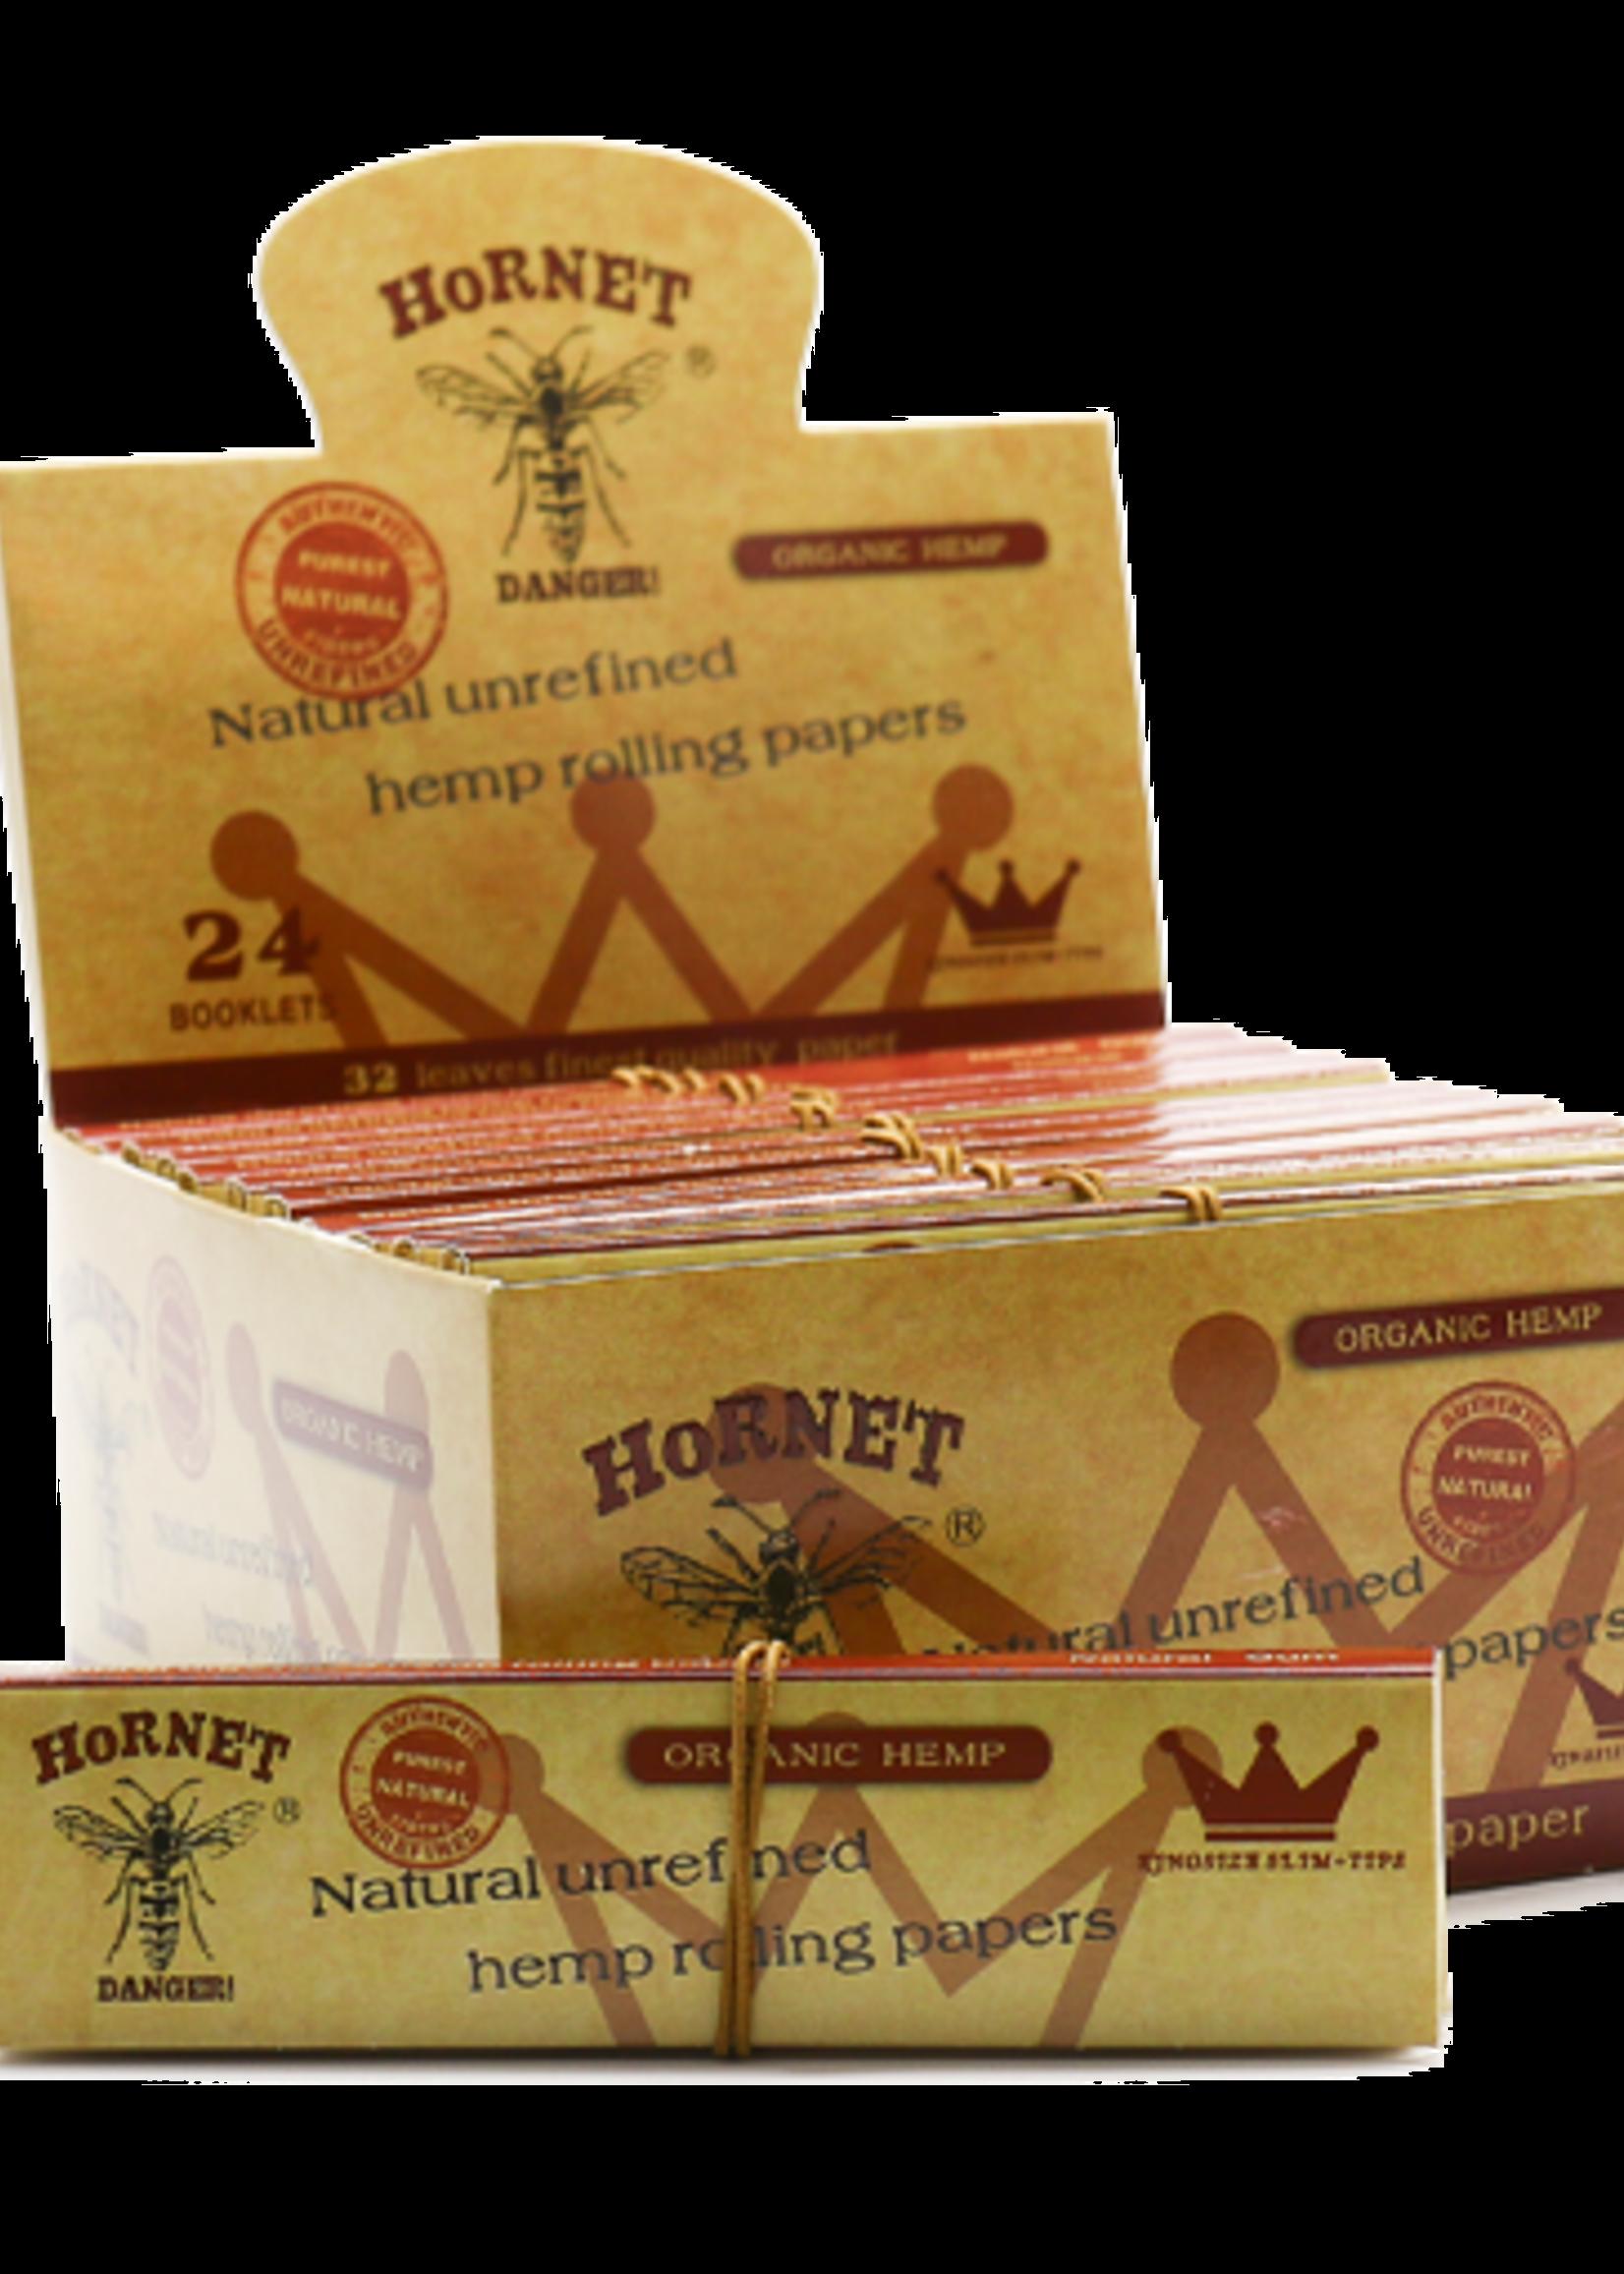 Hornet rolling paper - Unrefined hemp